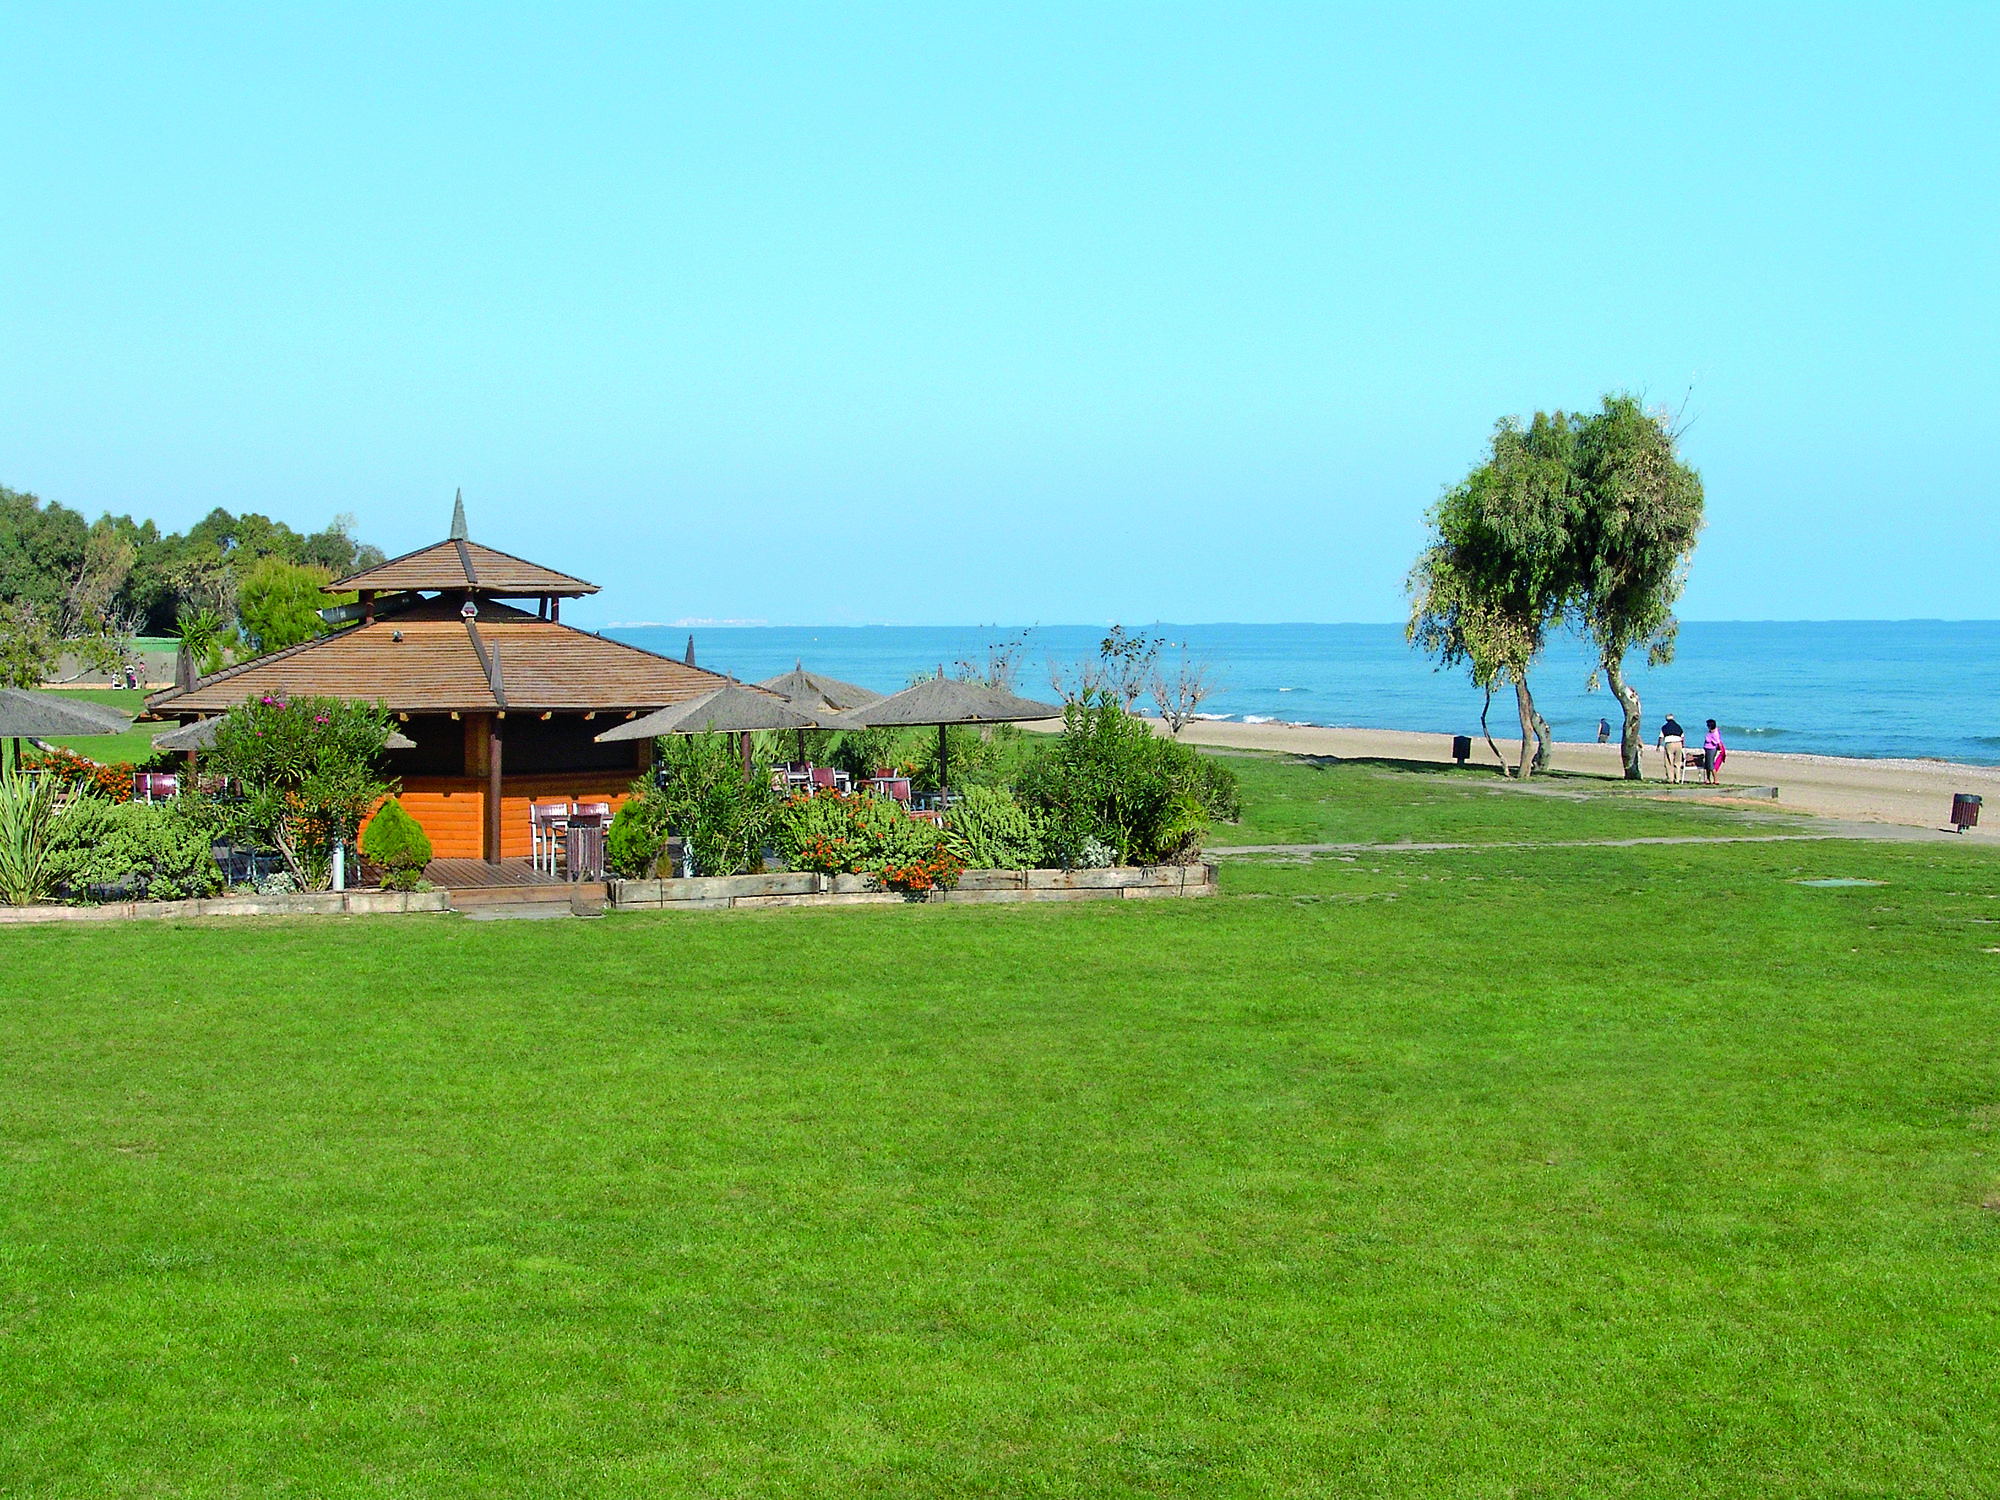 Playa De Les Amplaries Oropesa Del Mar Es Una Playa Extensa Y Abierta En La Que Abundan Las Dunas Naturales Y La Playa Oropesa Del Mar Y Duna